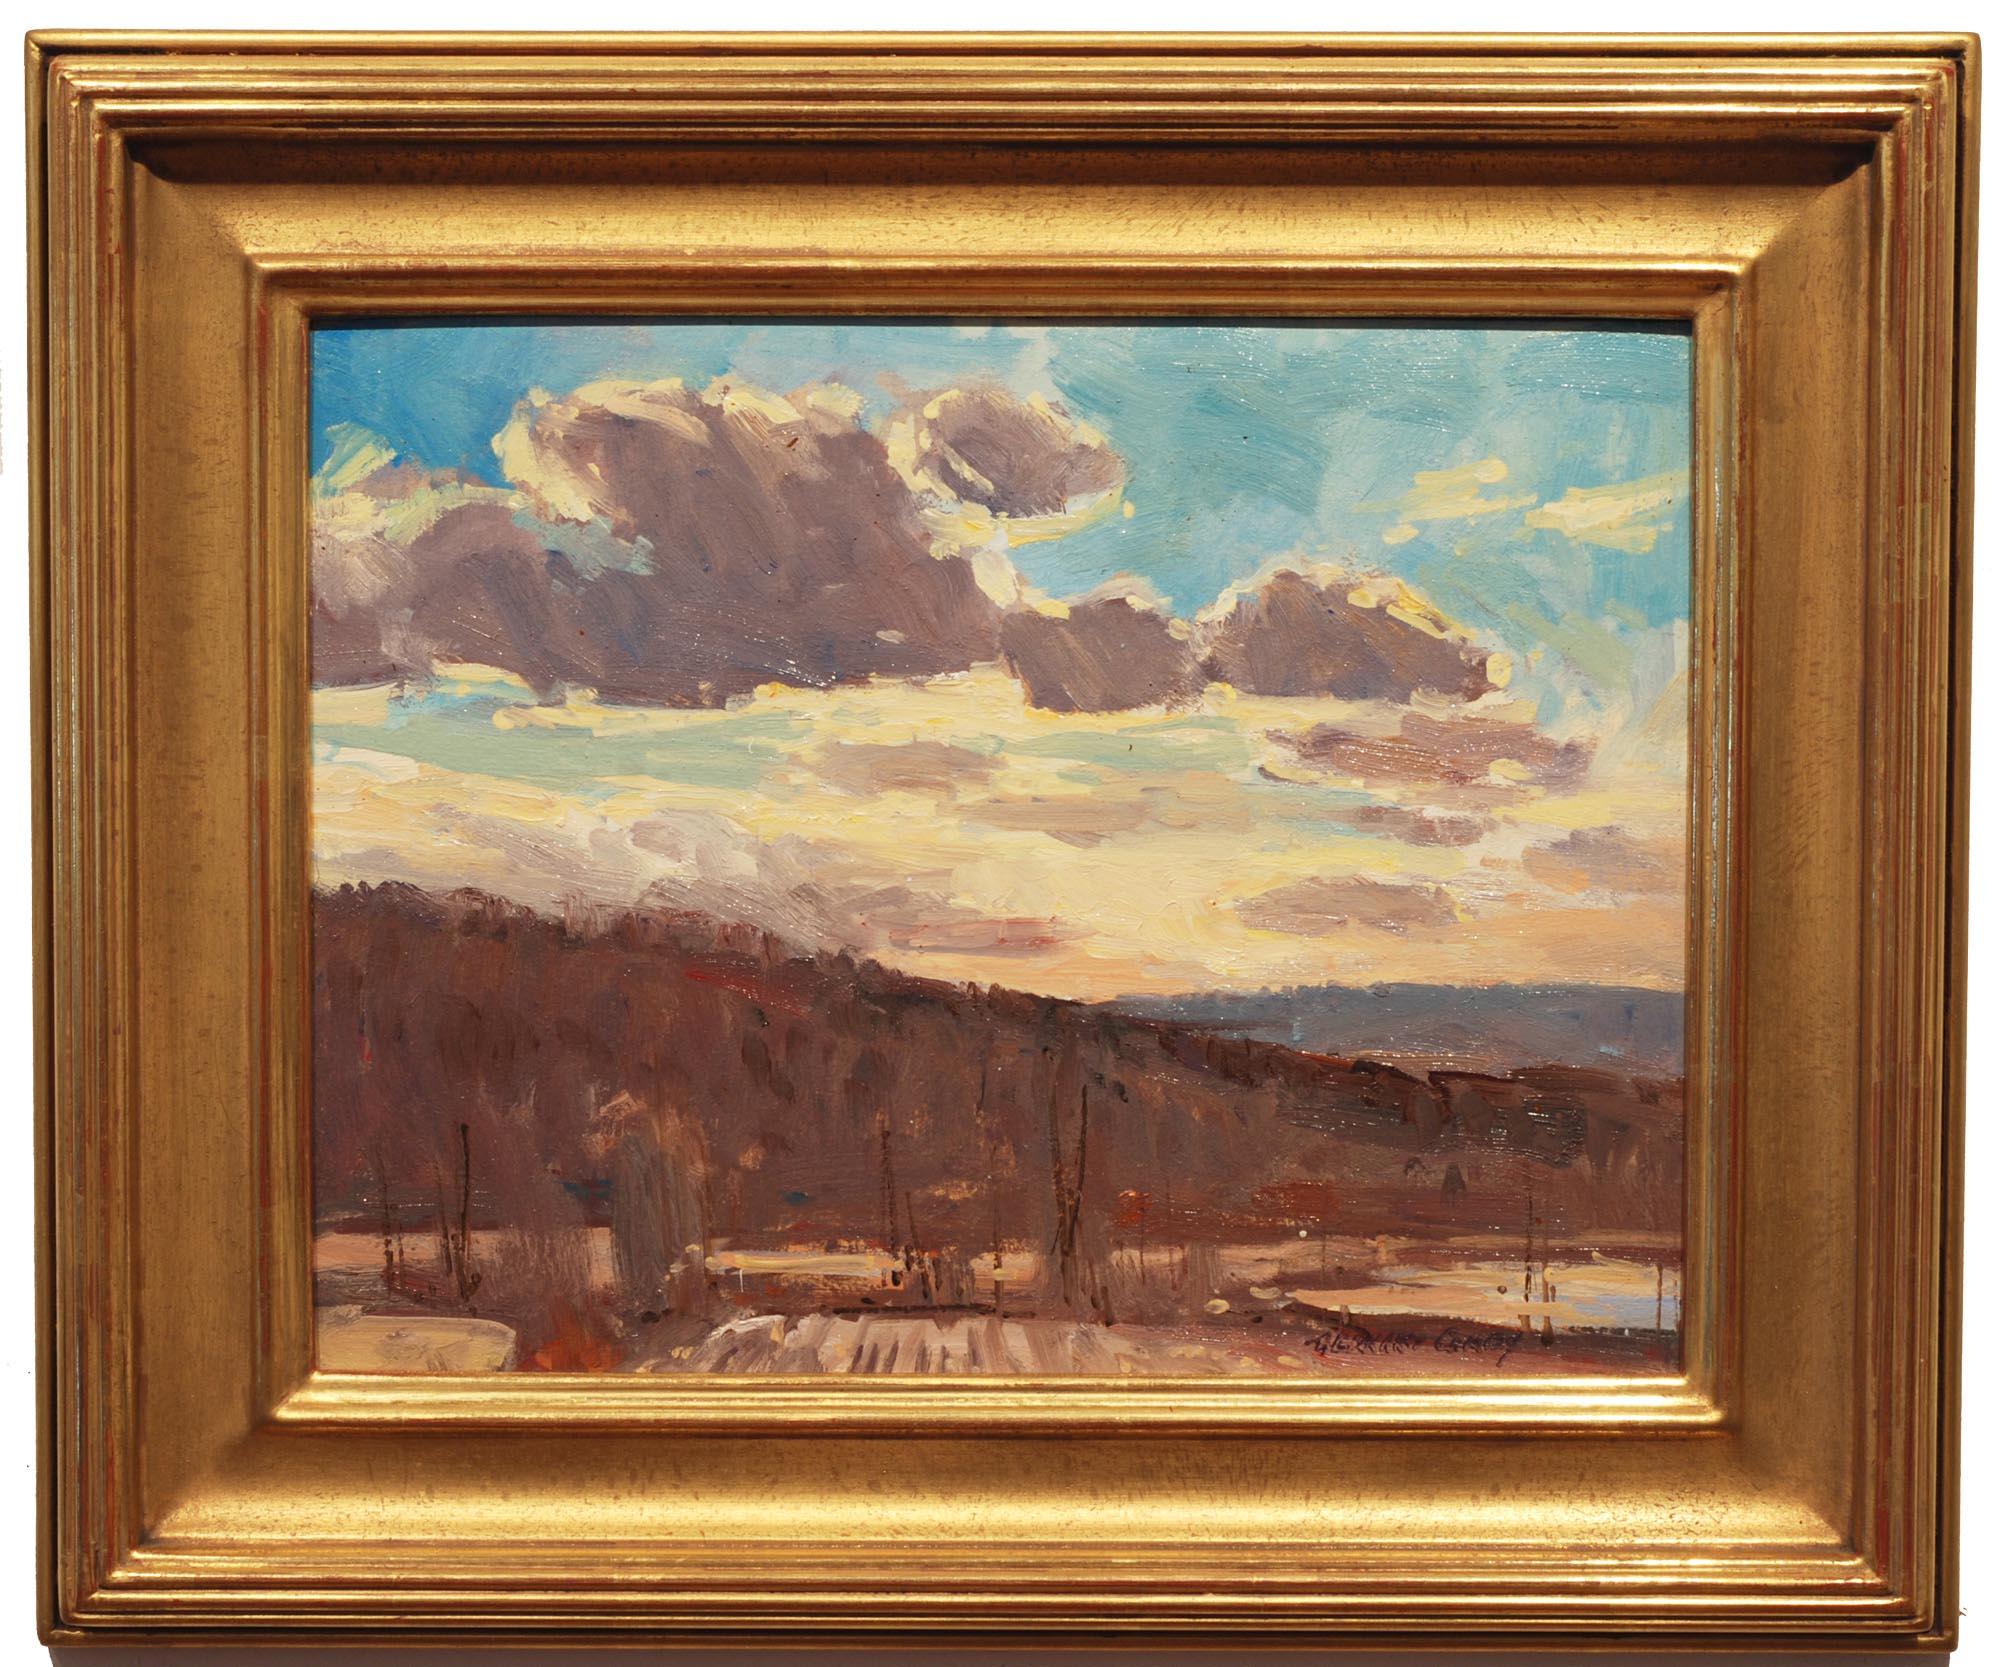 Bernard Corey Brightening Skies framed